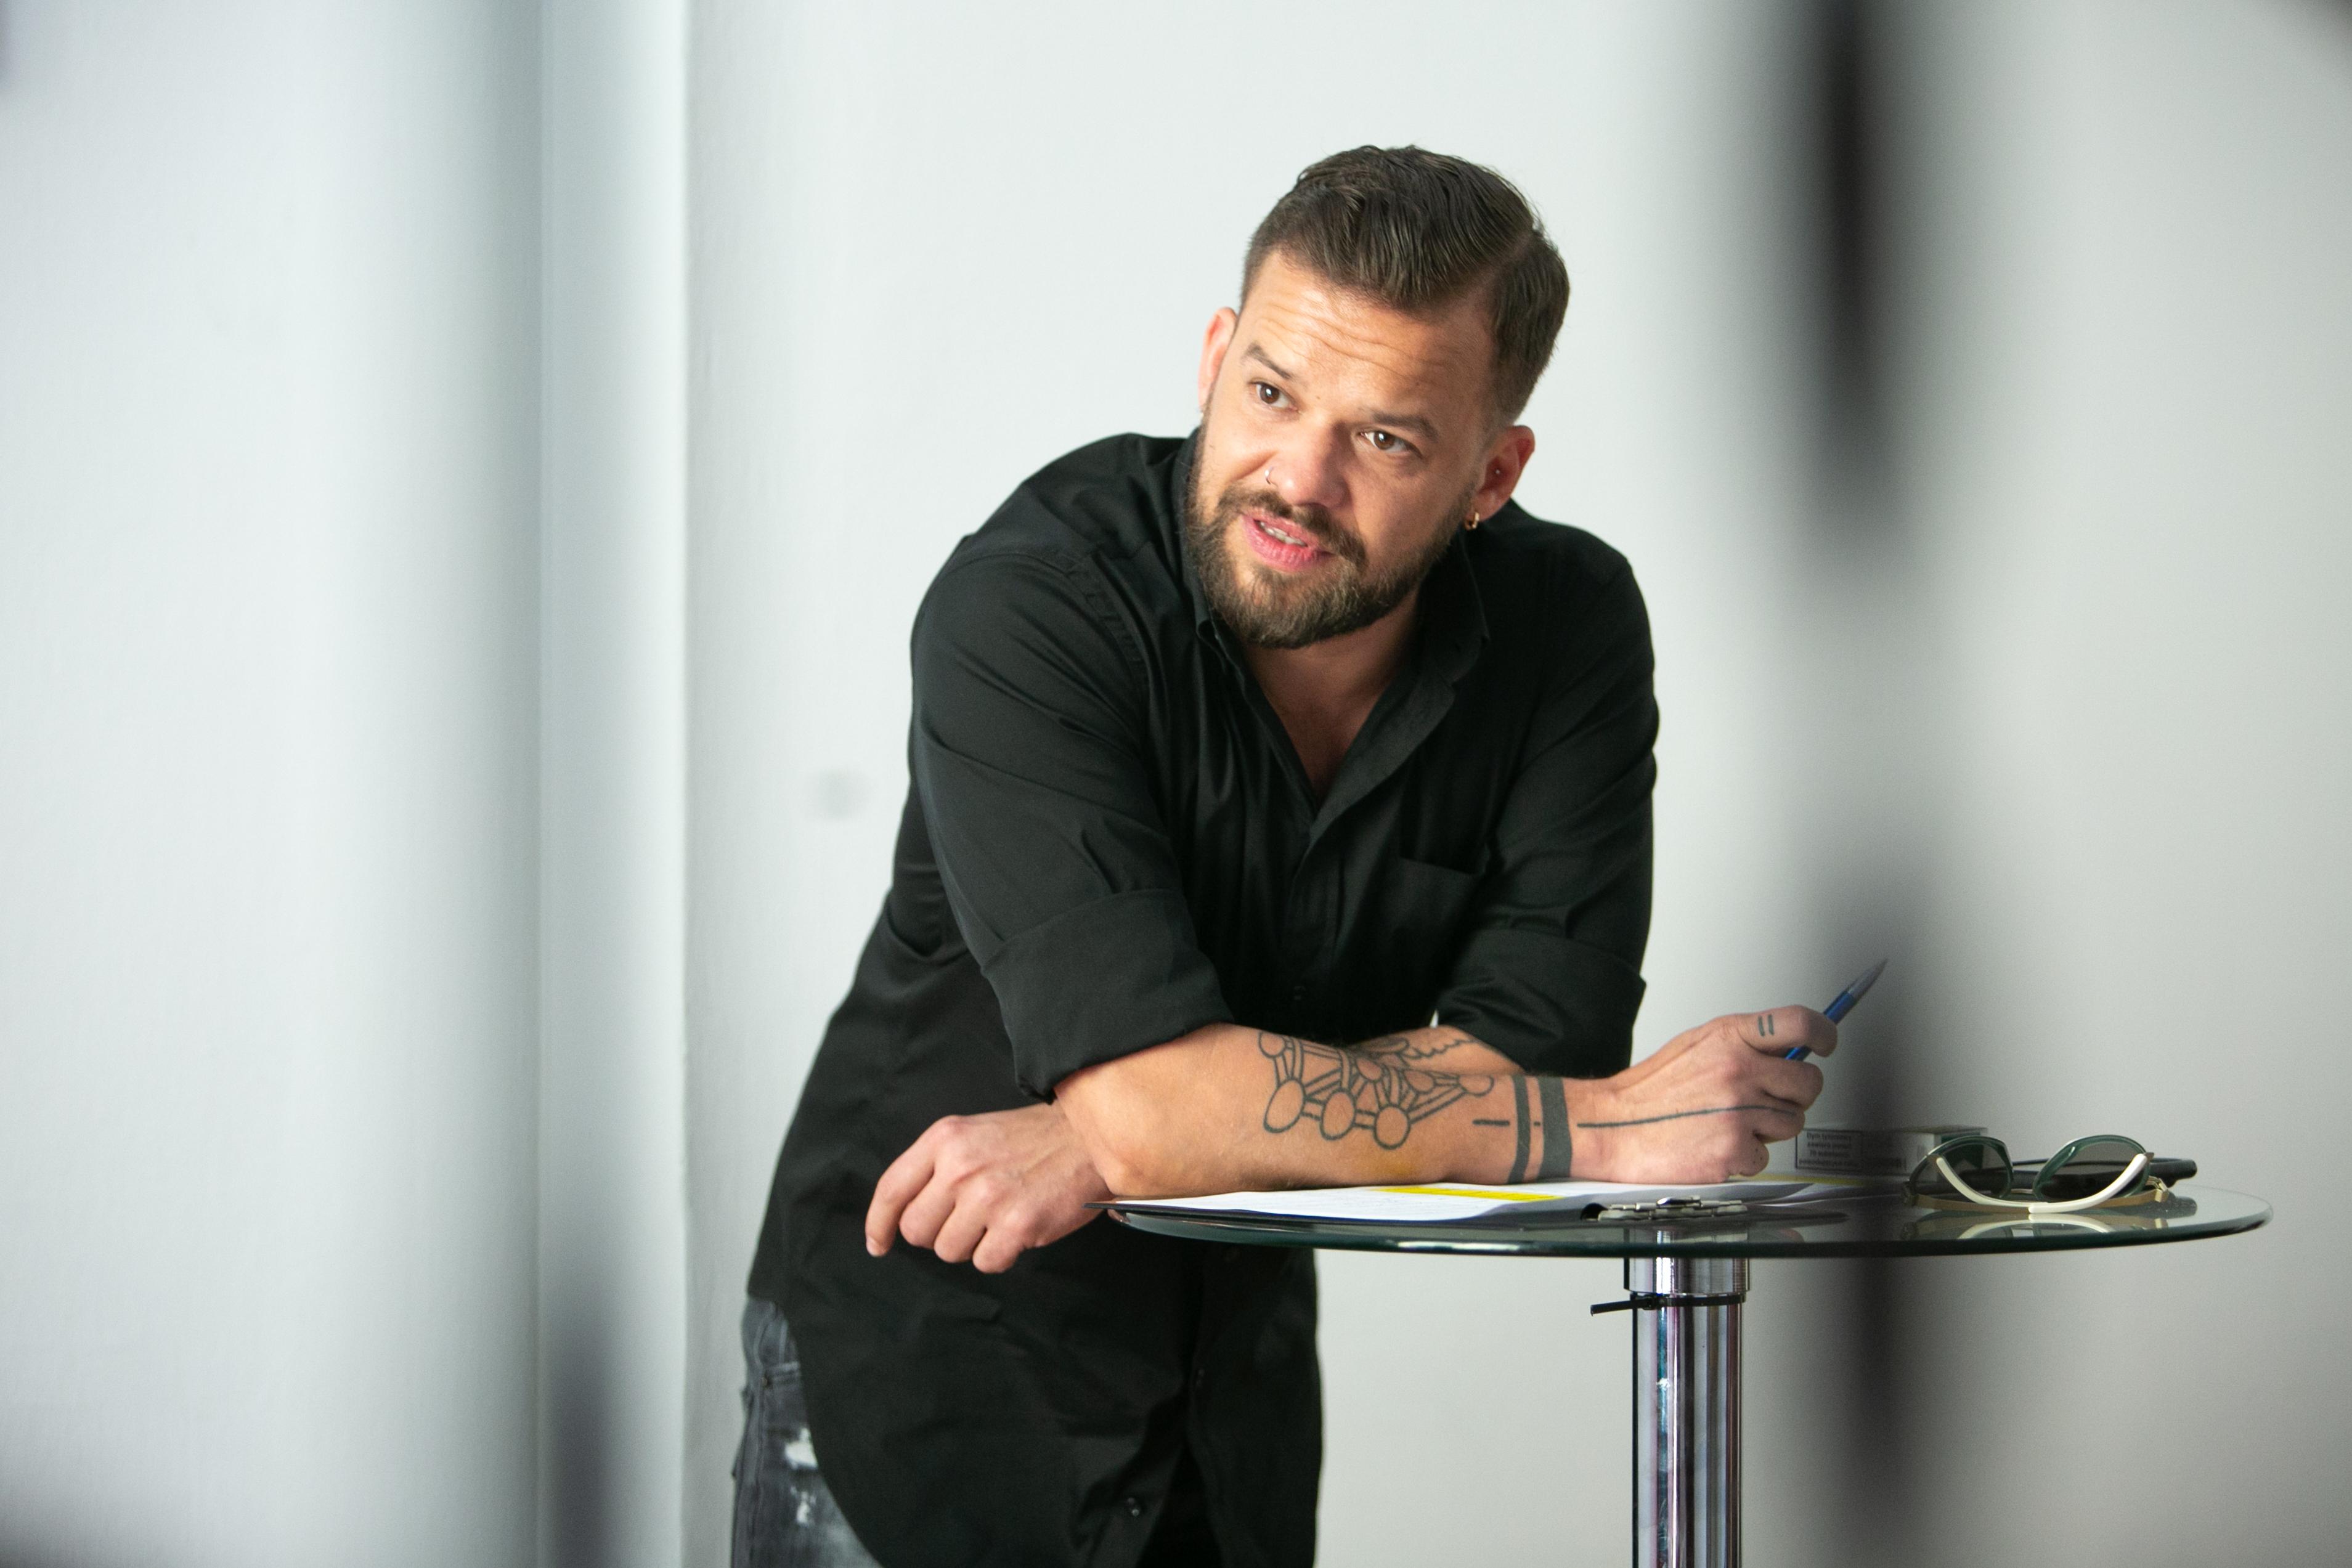 Zdjęcie przedstawia mężczyznę. Ręce ma oparte na stoliku. Na rękach ma tatuaże.